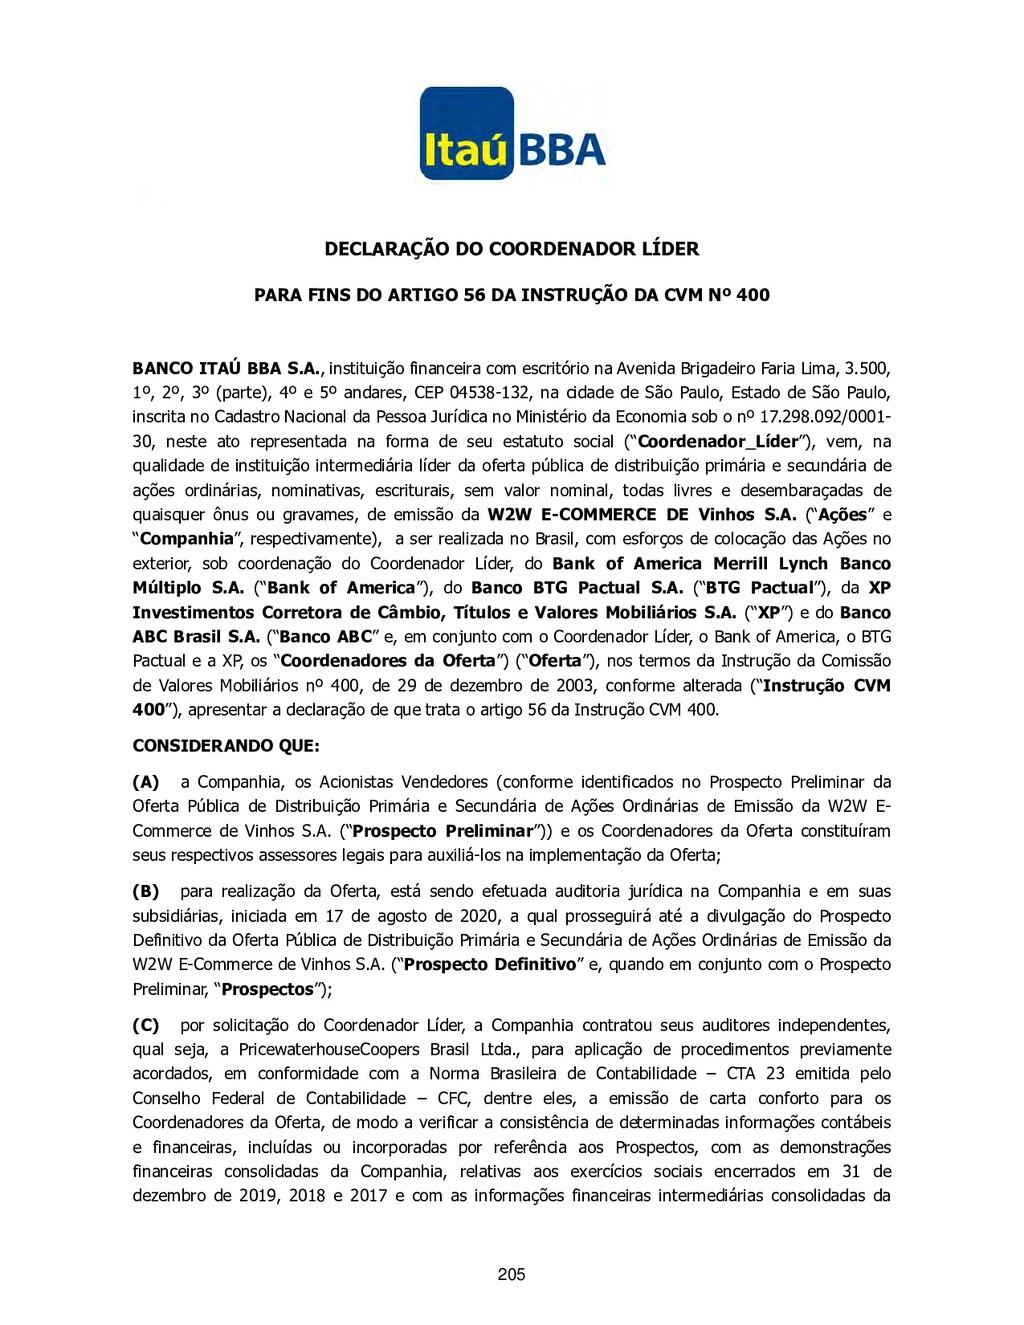 DECLARAÇÃO DO COORDENADOR LÍDER PARA FINS DO AR...